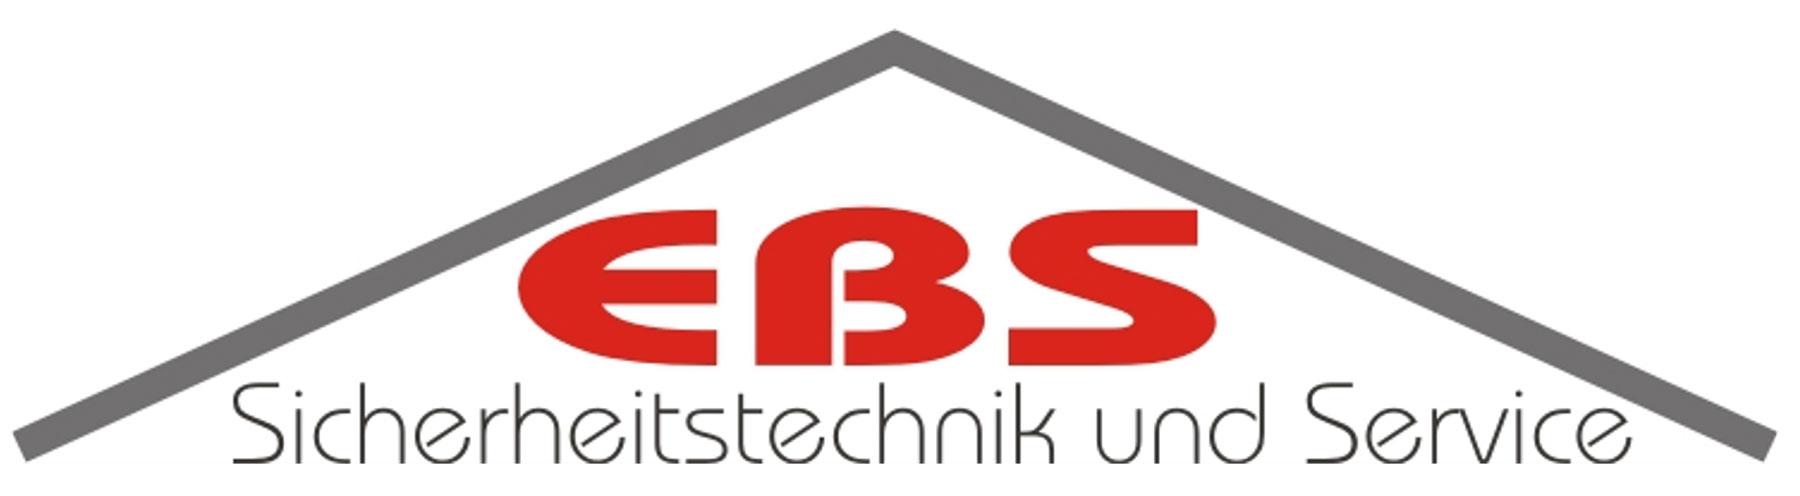 EBS Sicherheitstechnik – Alarmanlagen München, Einbruchmeldeanlagen München, IP Videoüberwachung München